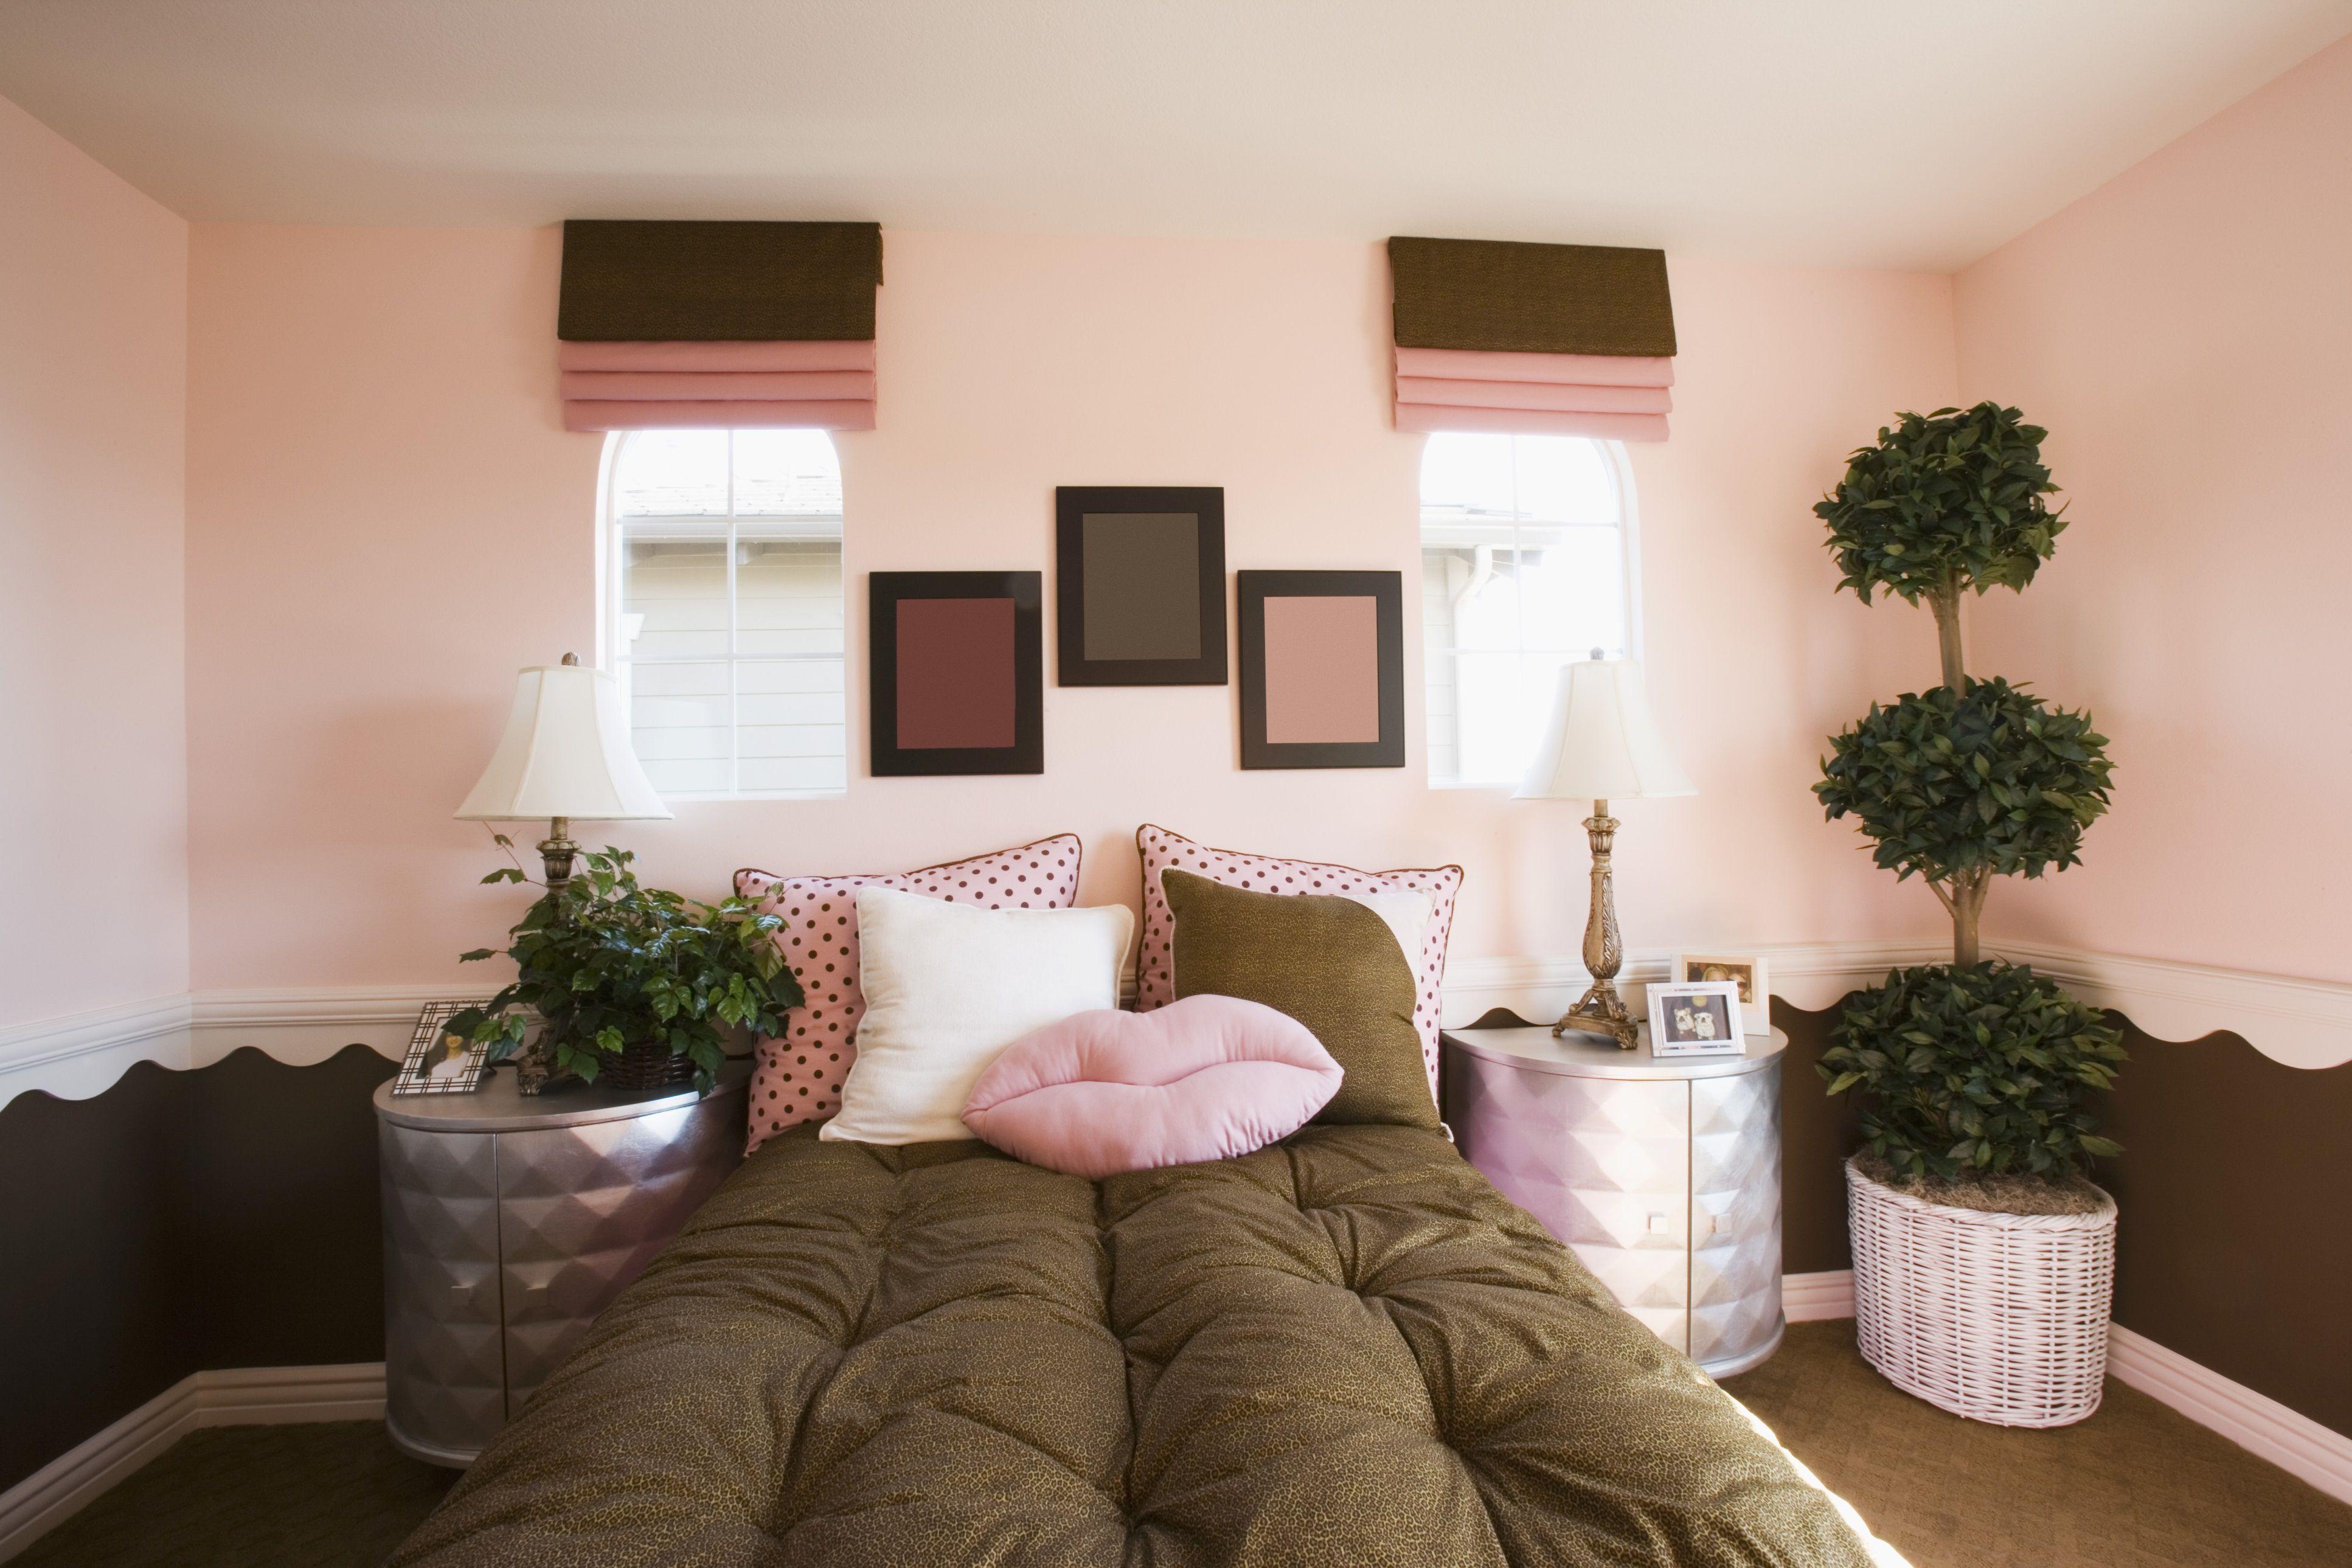 Habitación marrón y rosa